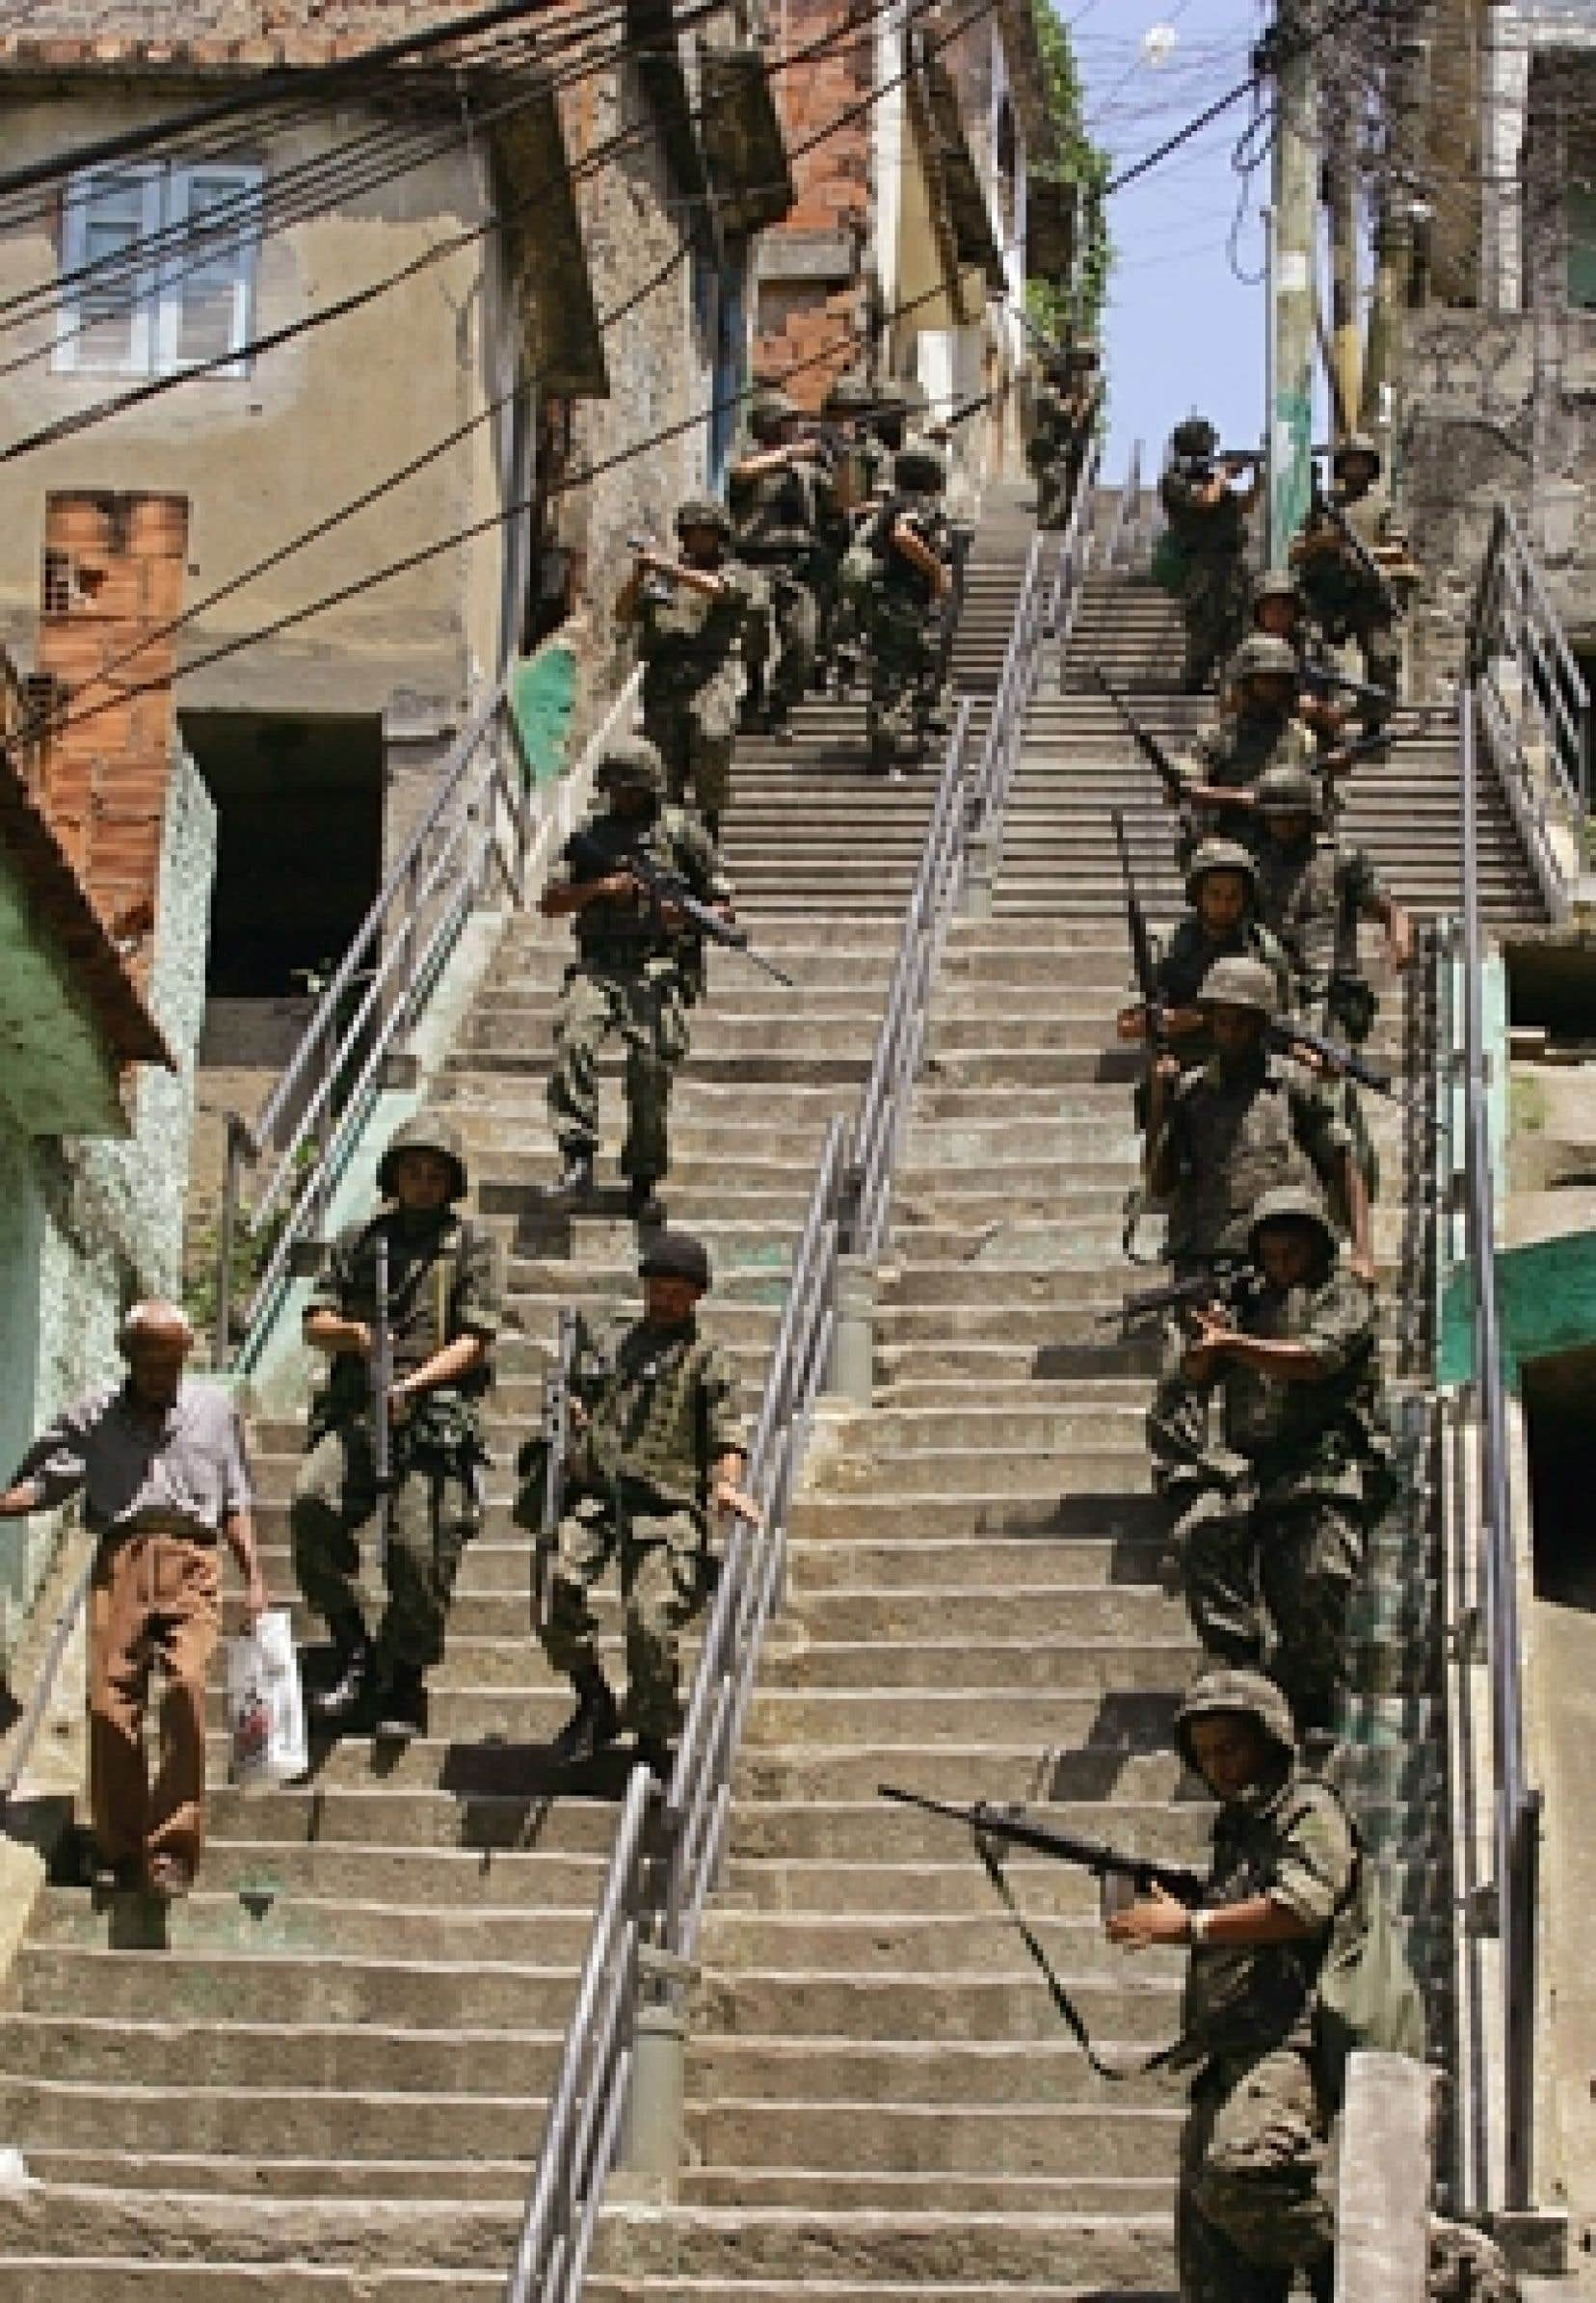 Les forces de sécurité brésiliennes doivent régulièrement se rendre dans les favelas de Rio de Janeiro pour y rétablir l'ordre.